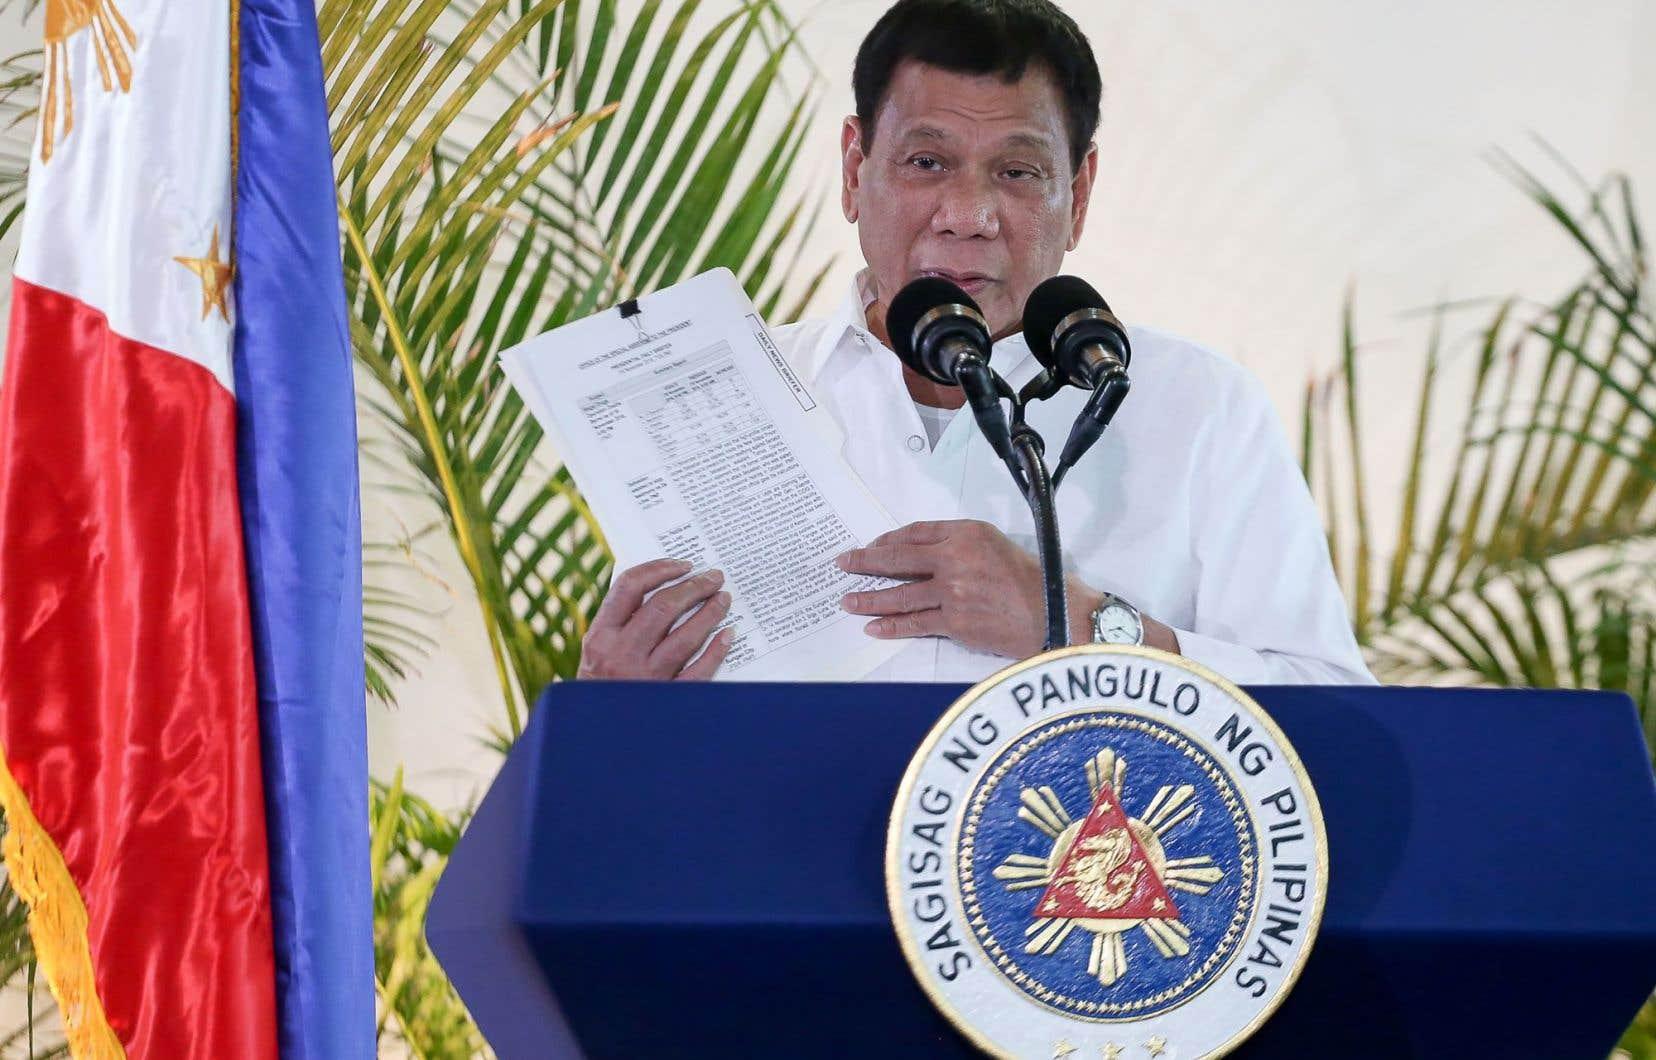 M. Duterte a réagi à des critiques en qualifiant le président américain, Barack Obama, de «fils de pute» et le secrétaire général de l'ONU, Ban Ki-moon, d'«imbécile».